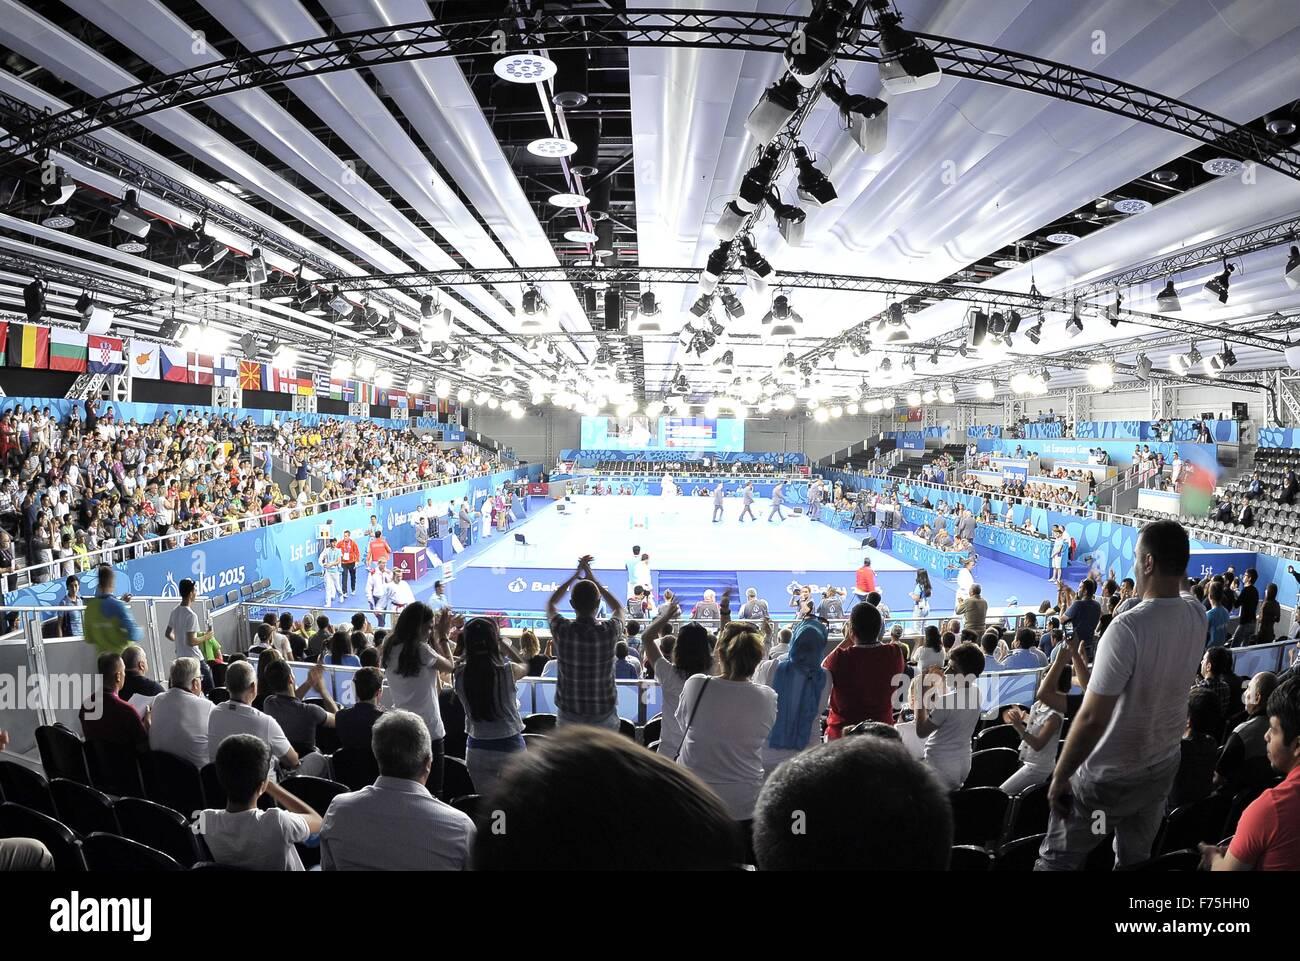 GV. Karate. Kristallsaal 3. Baku. Aserbaidschan. Baku2015. 1. Europäische Spiele. 13.06.2015. Stockbild